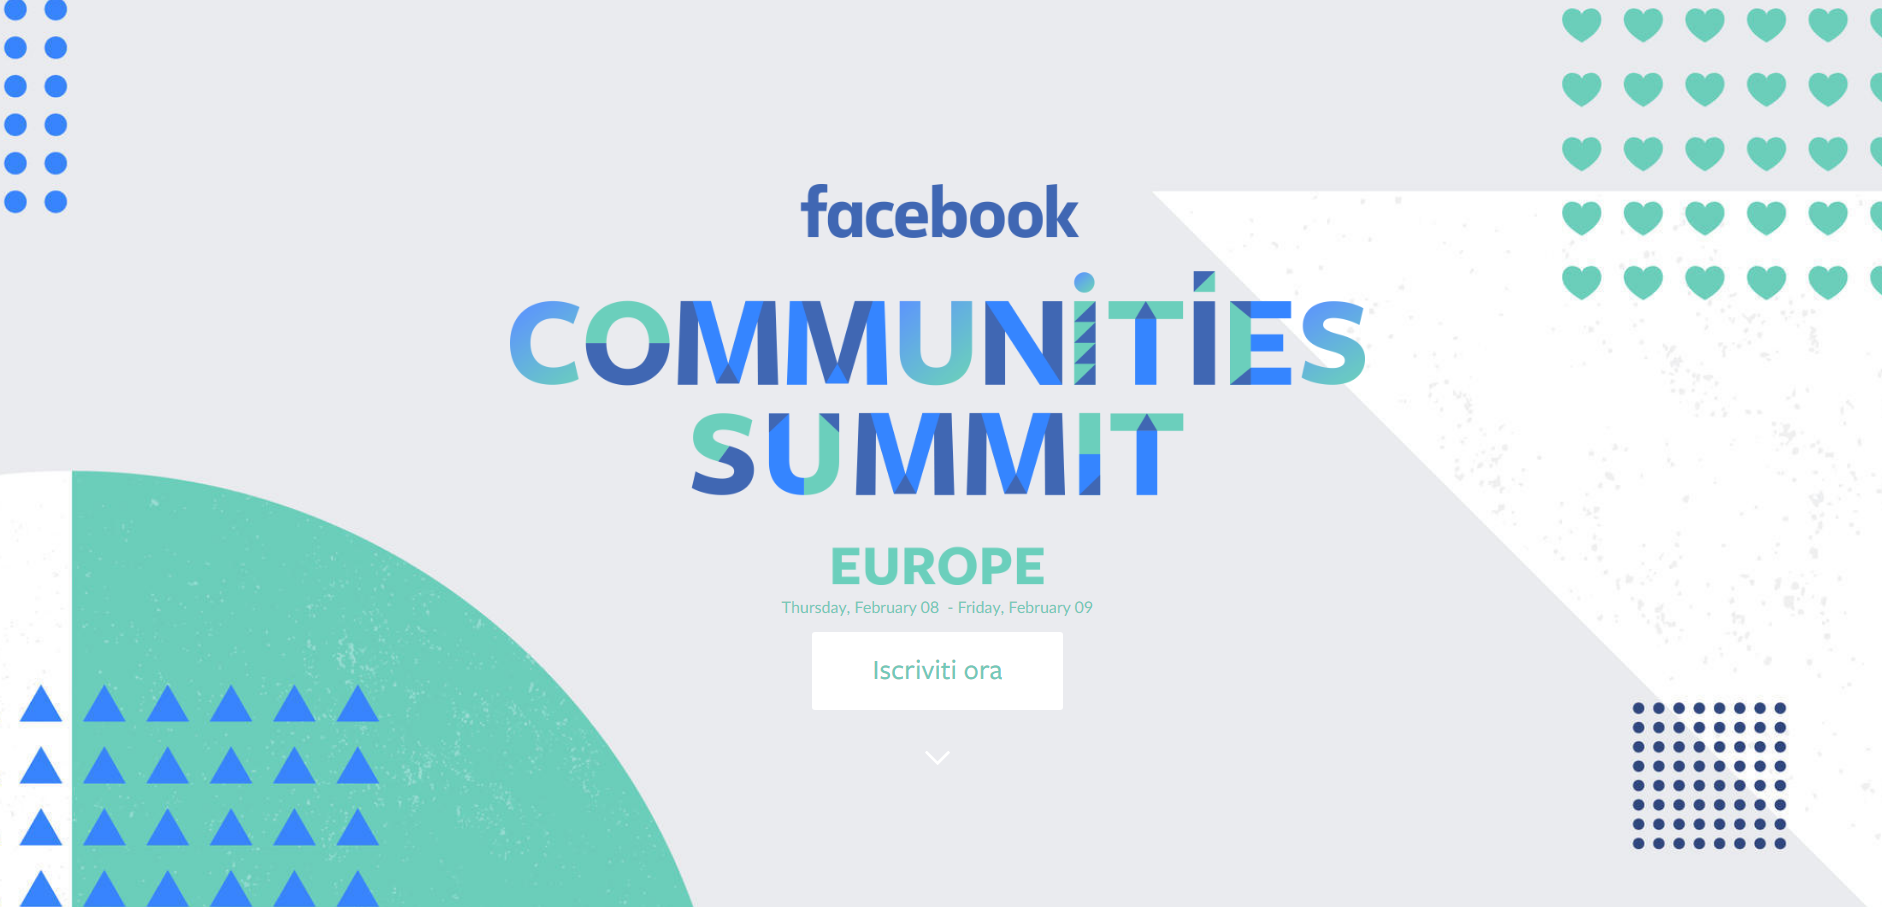 Facebook Communities Summit 2018 in Europa, celebra le comunità